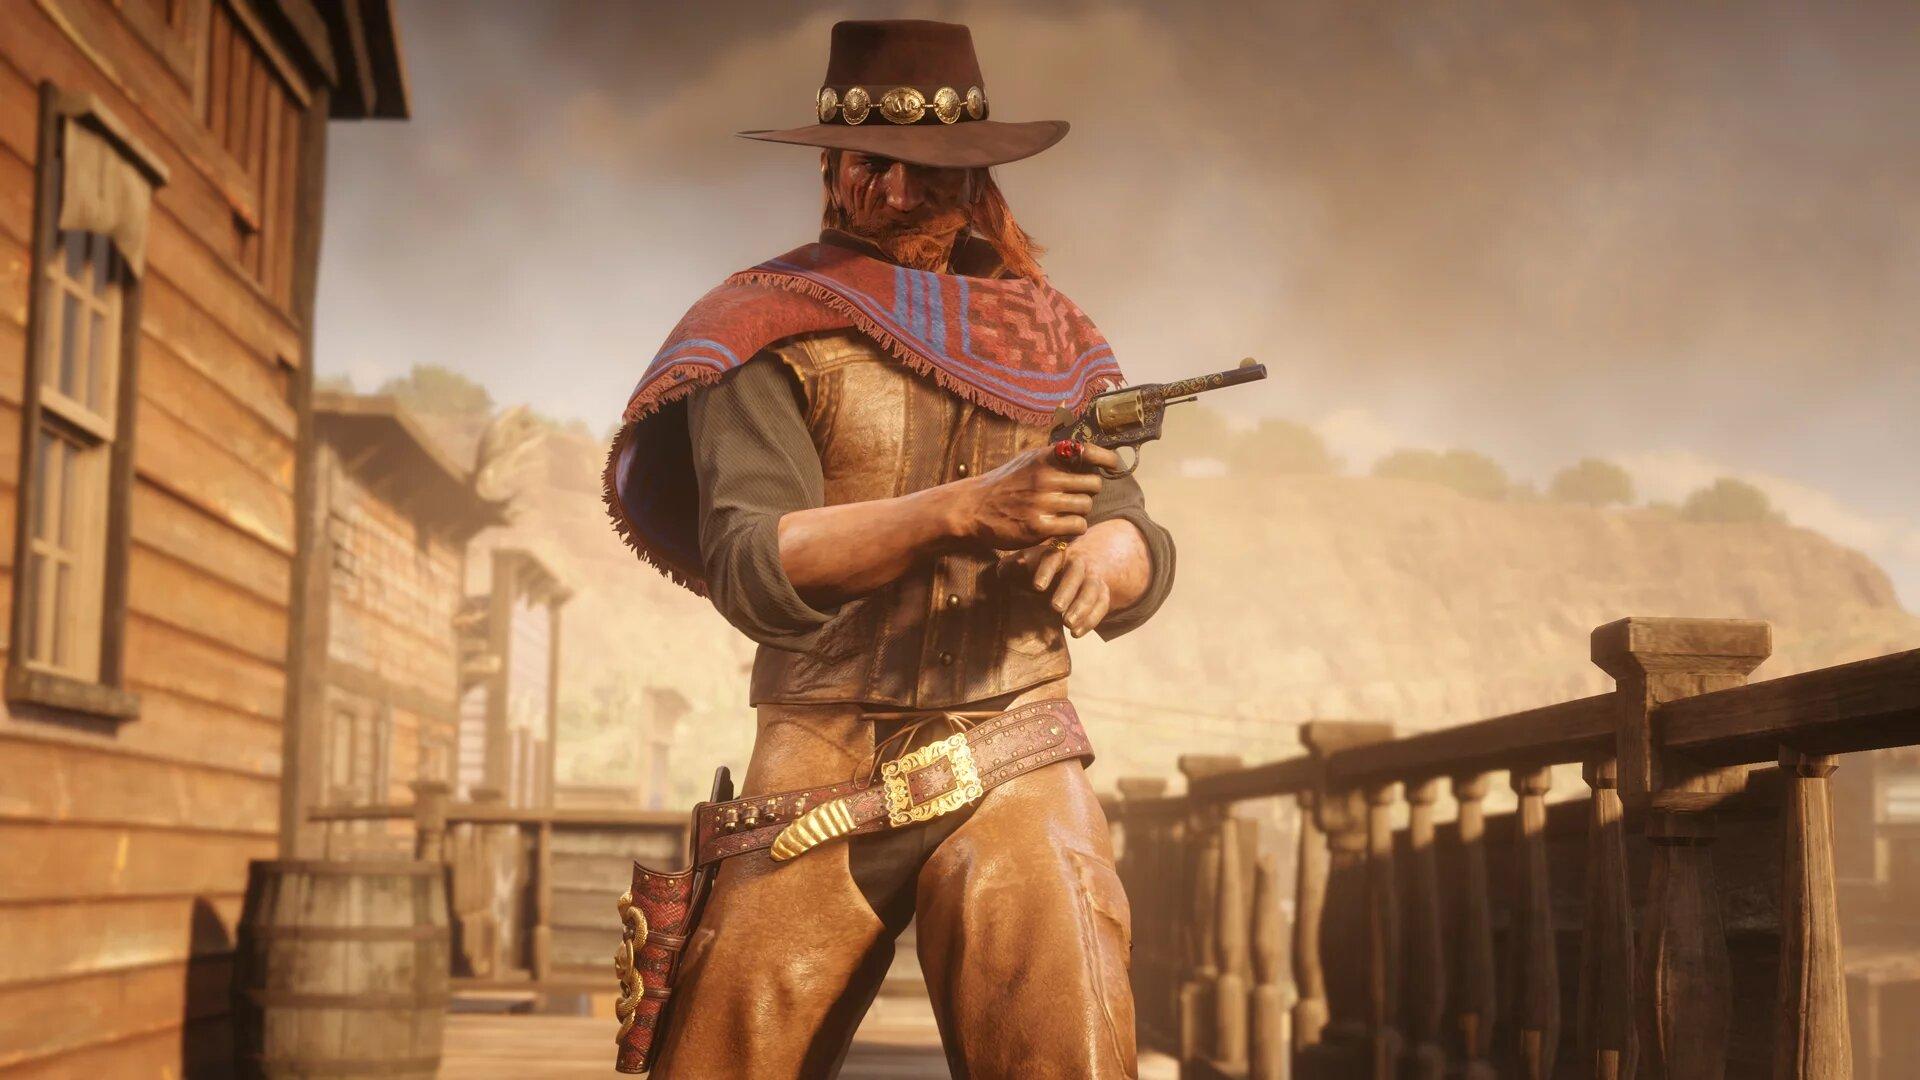 معذرتخواهی ناکاملی از شرکت Rockstar: معرفی محتوای Red Dead Redemption 2 رایگان برای کامپیوتر!